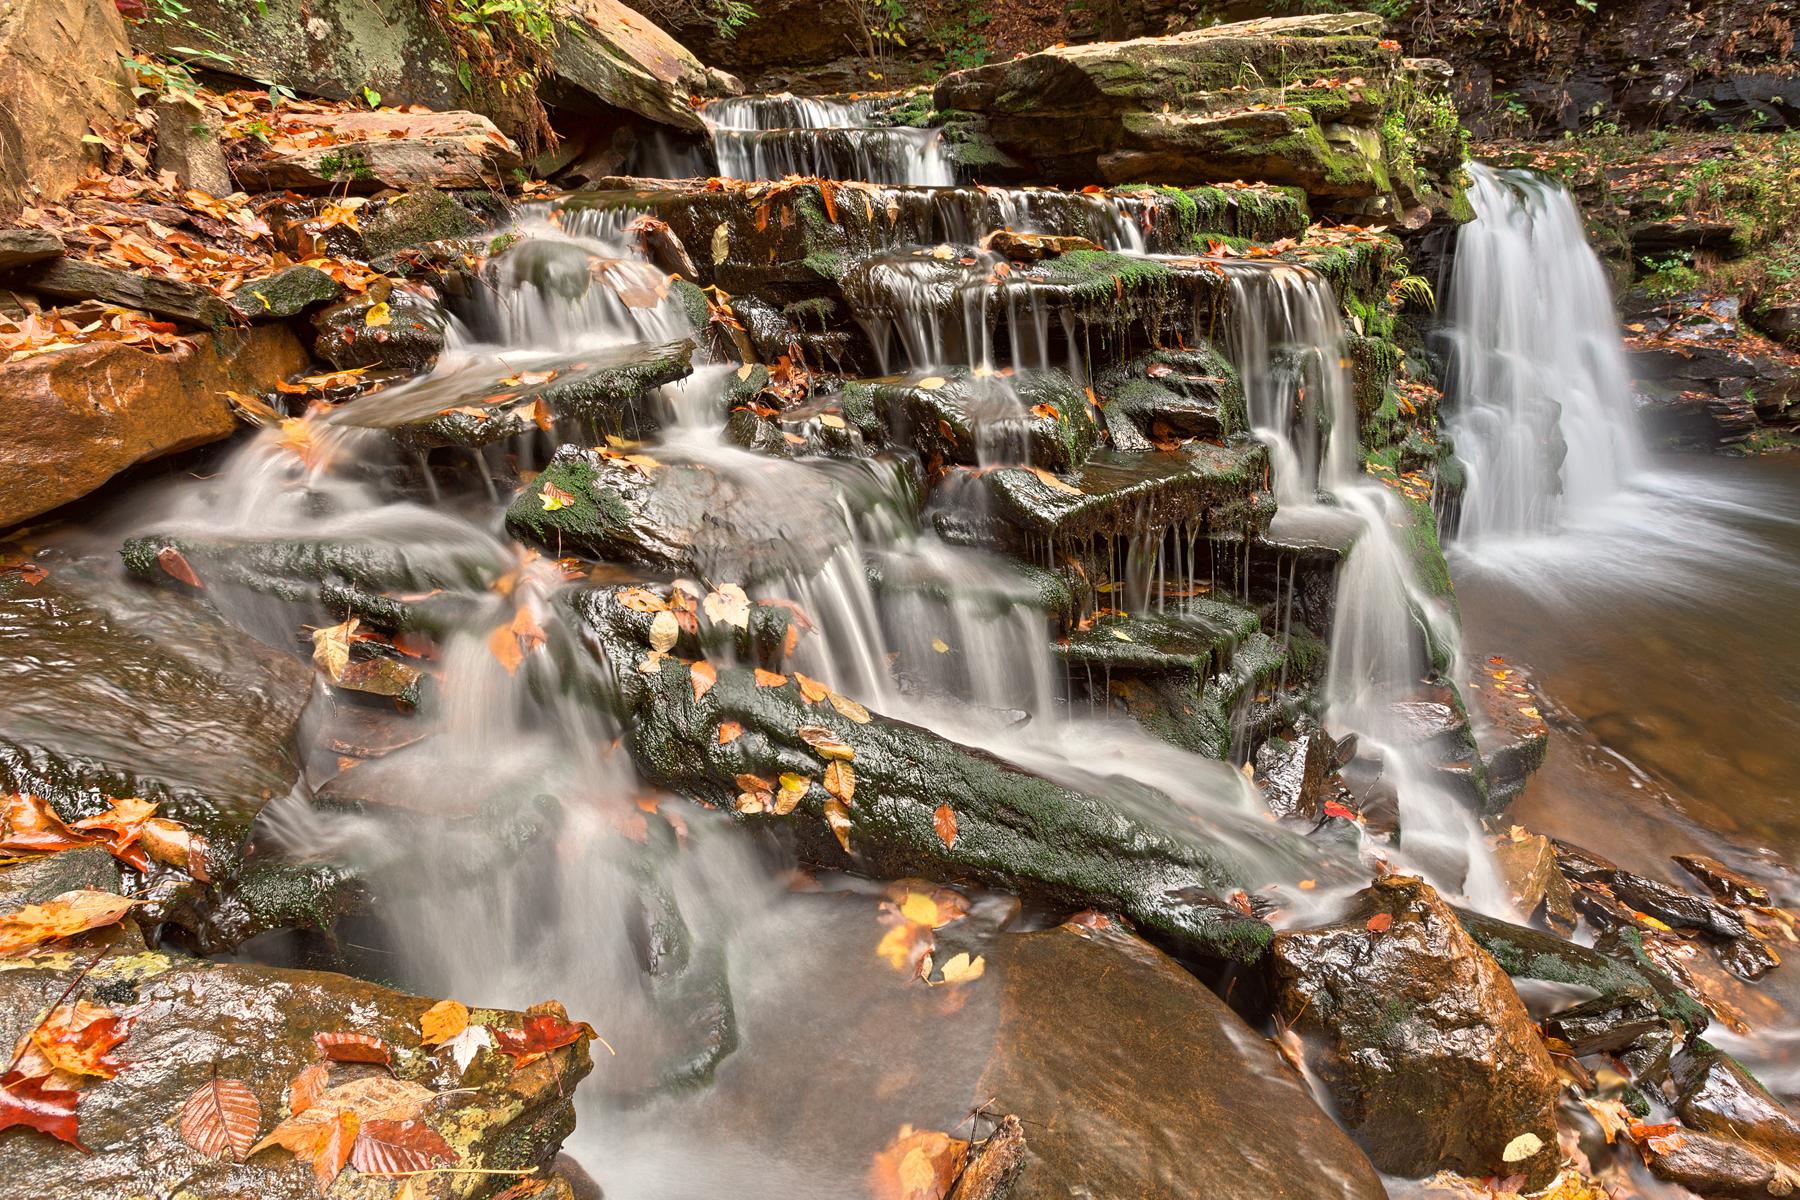 Cayuga falls - hdr photo